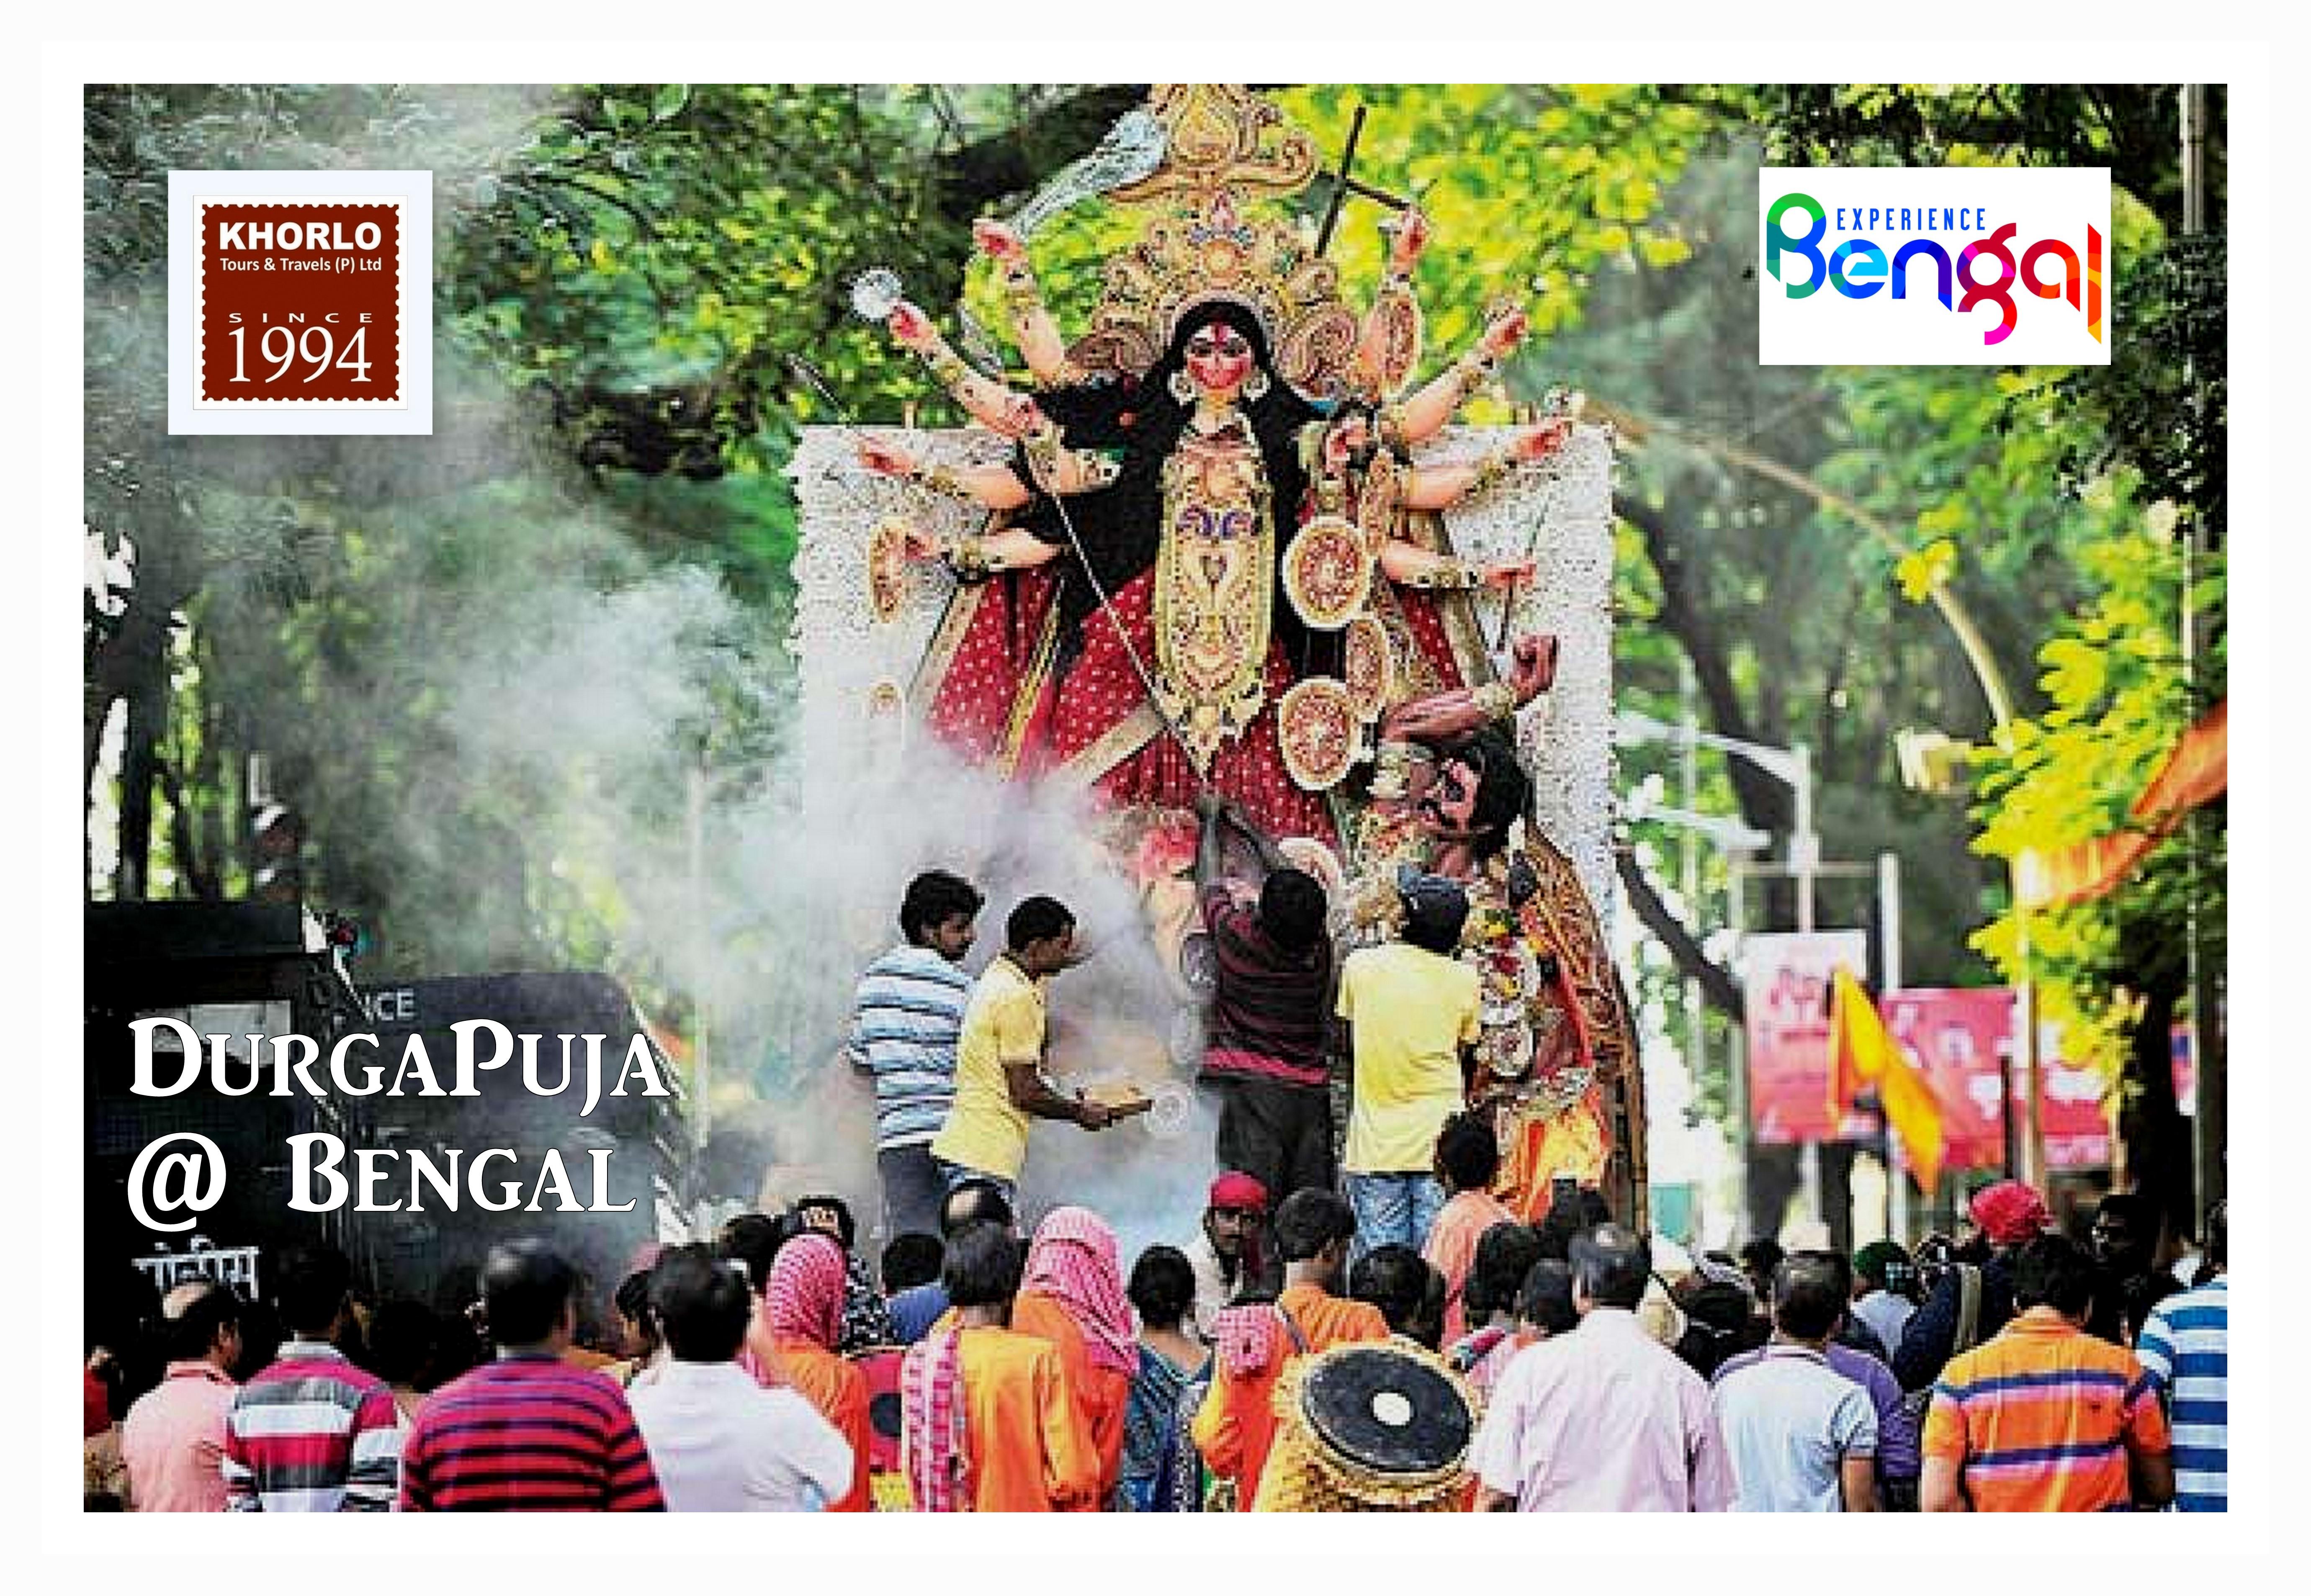 Durgapuja at Bengal